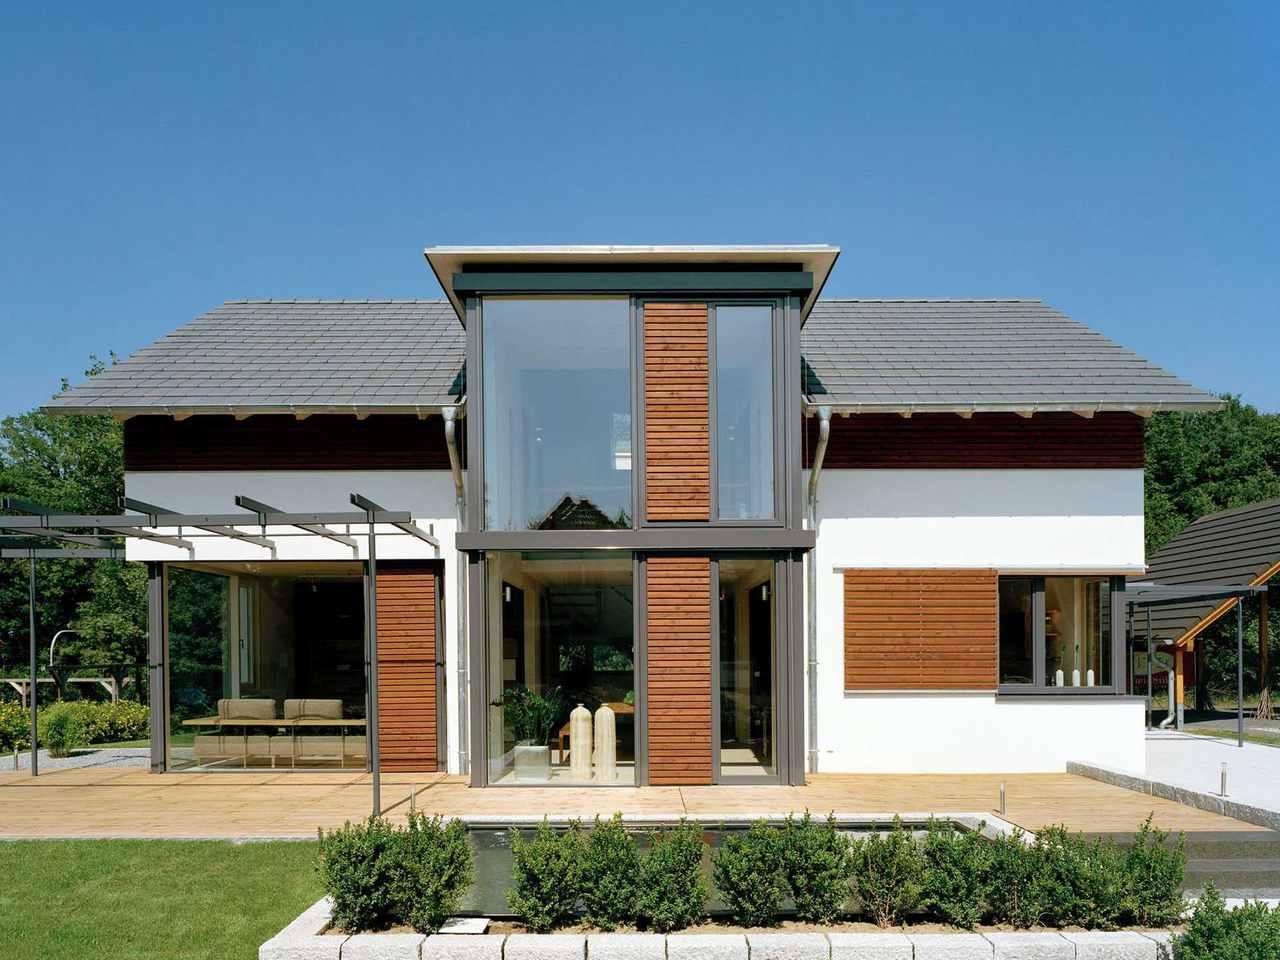 Musterhaus Design 168 von Frammelsberger Holzhaus Vorderansicht am Tag